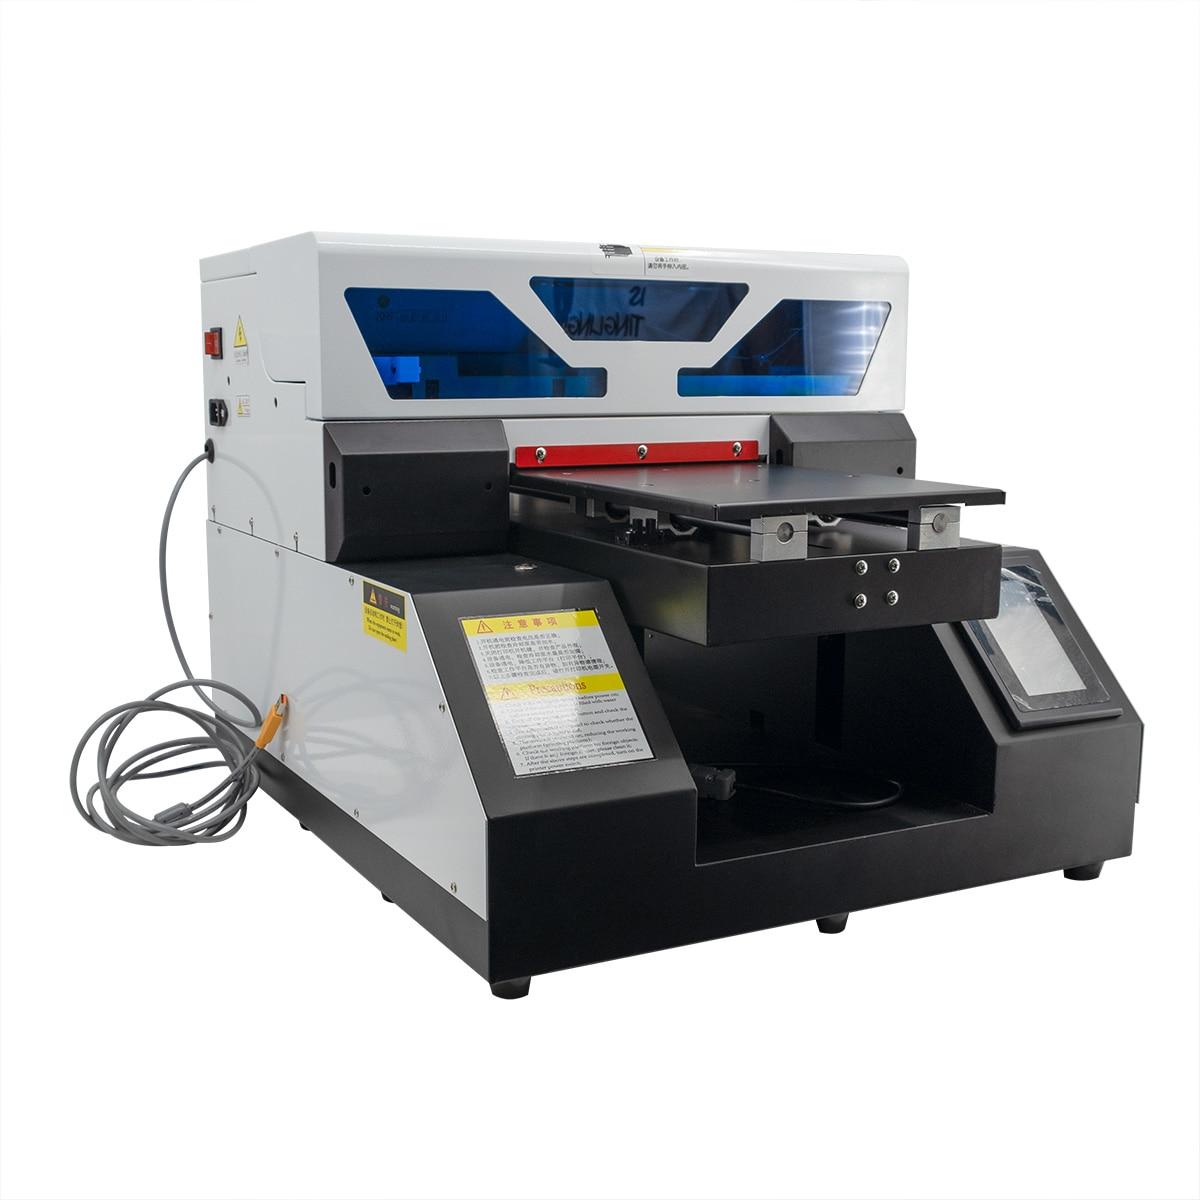 طابعة A4 dtg آلة طبع على قميص سعر للبيع طابعة الأشعة فوق البنفسجية